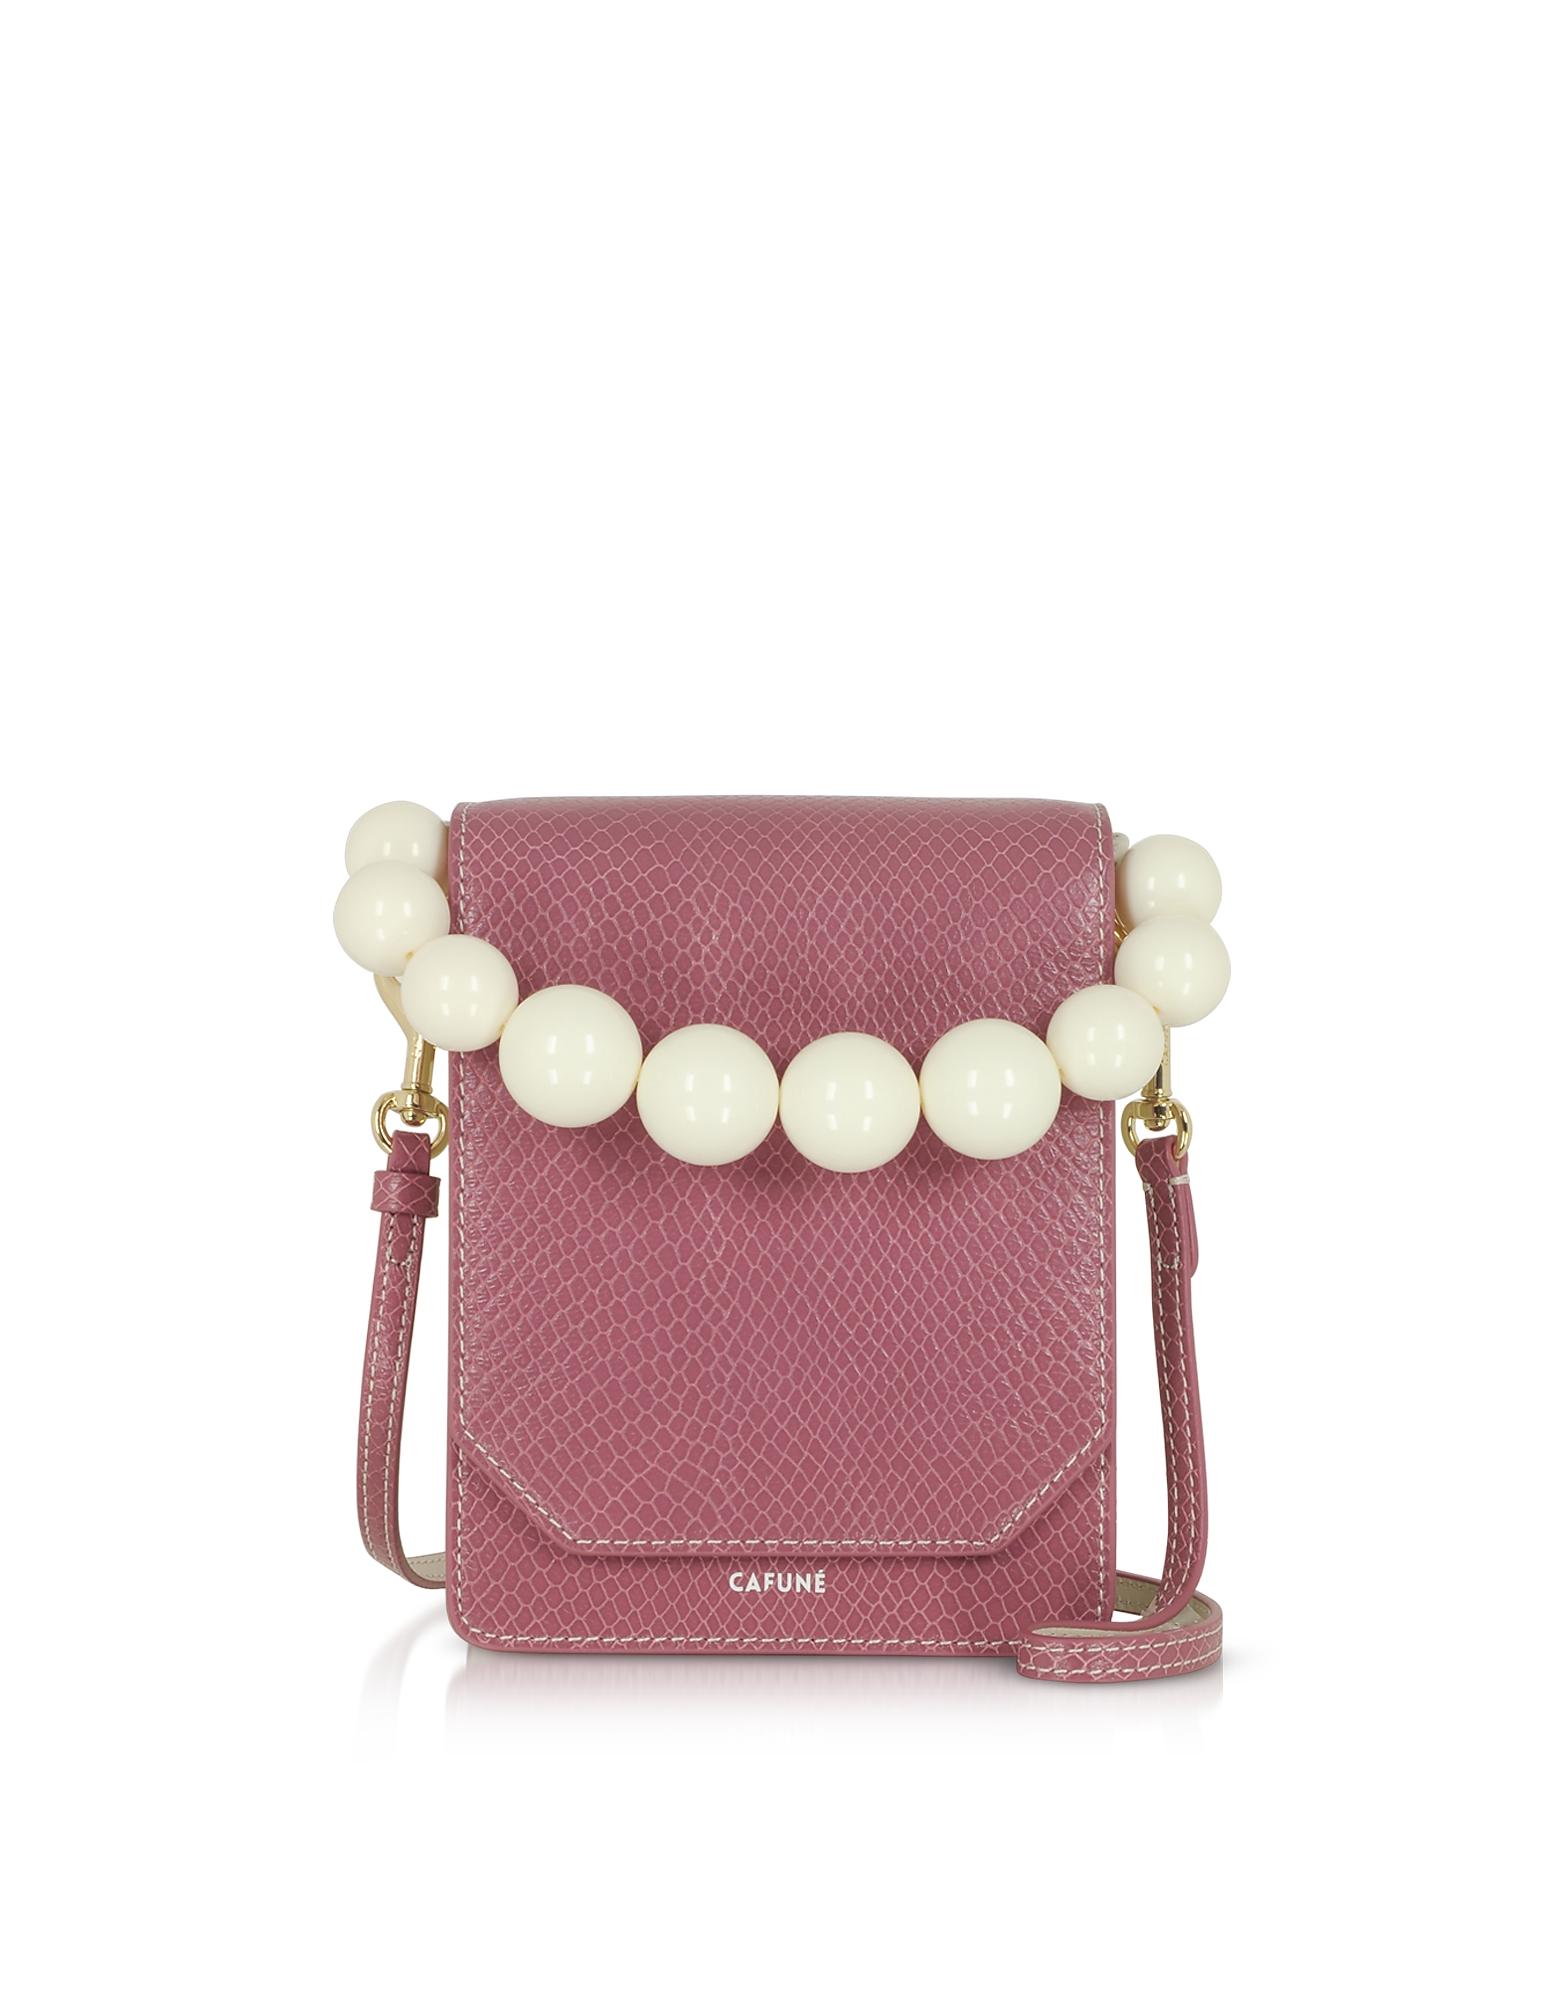 Cafuné Designer Handbags, Mauve Leather Bellows Crossbody Bag